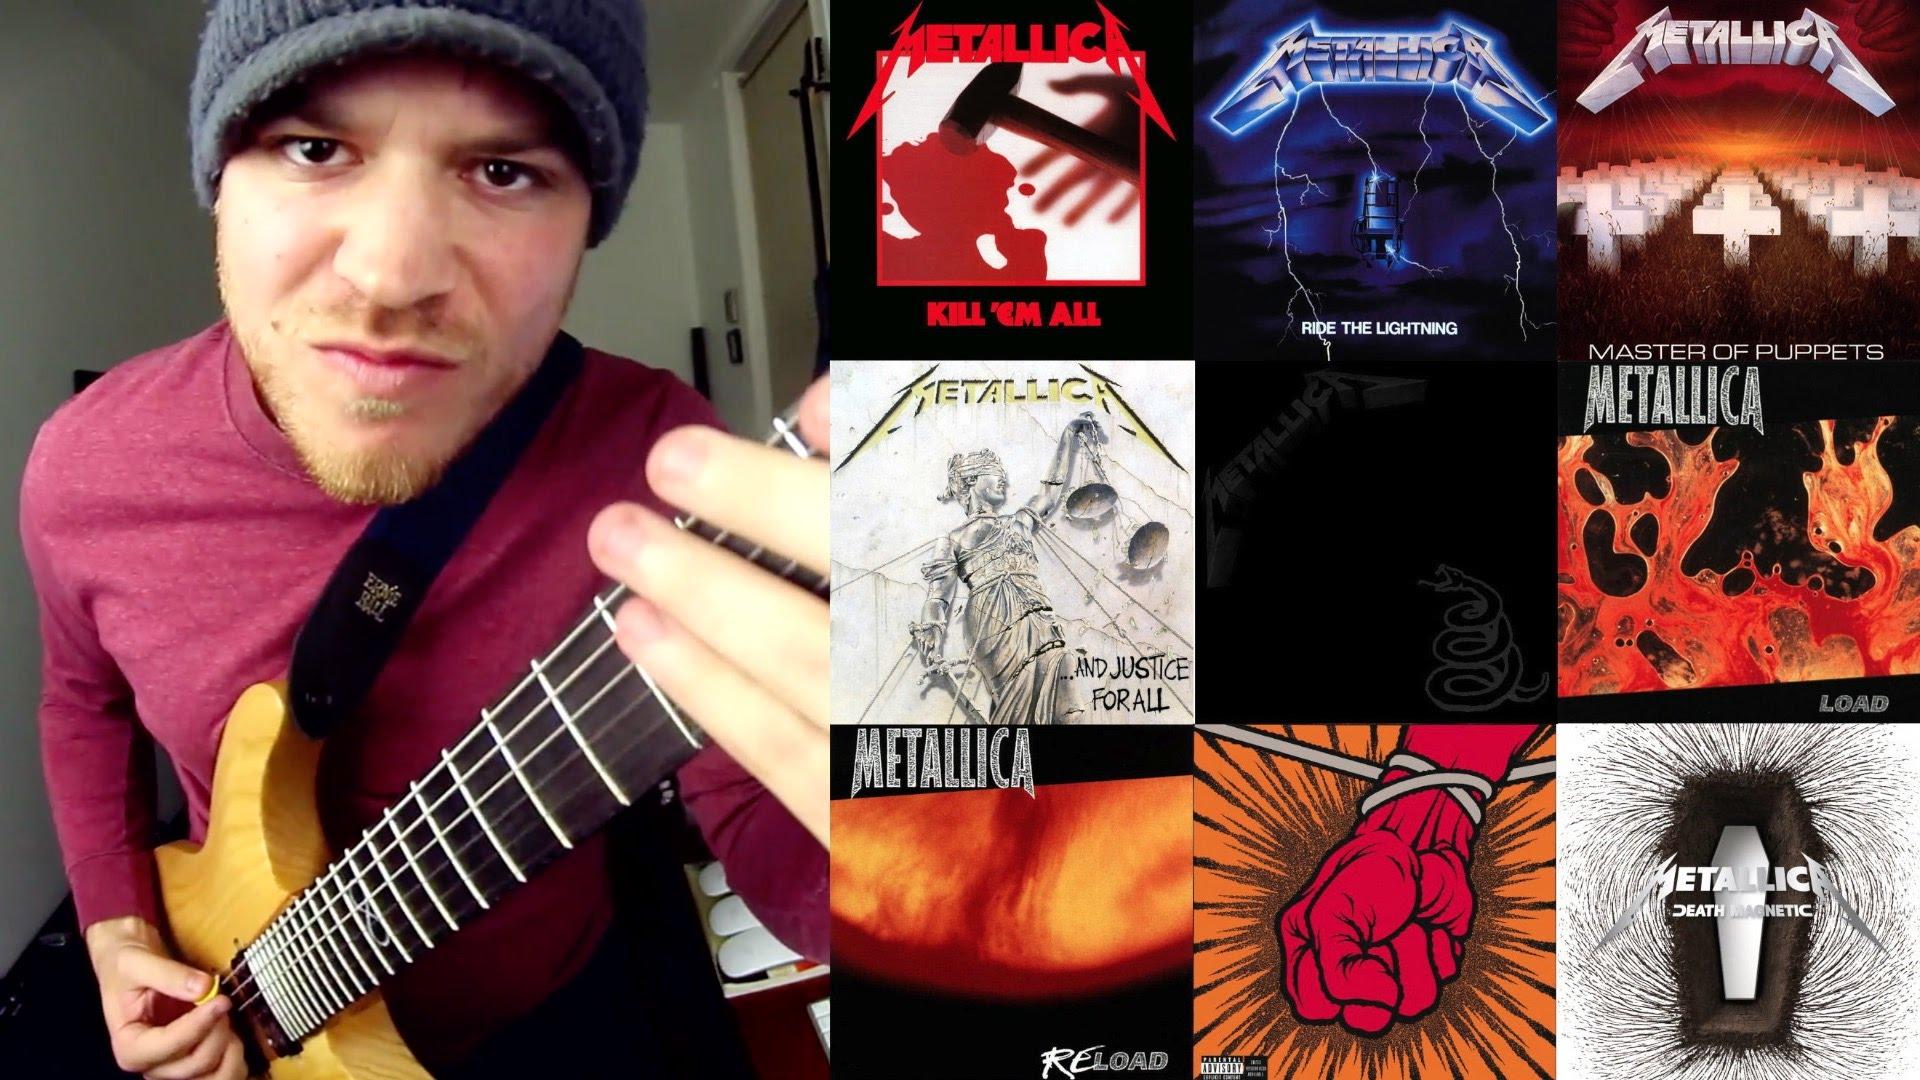 Questo chitarrista suona tutte le canzoni dei Metallica in 4 minuti